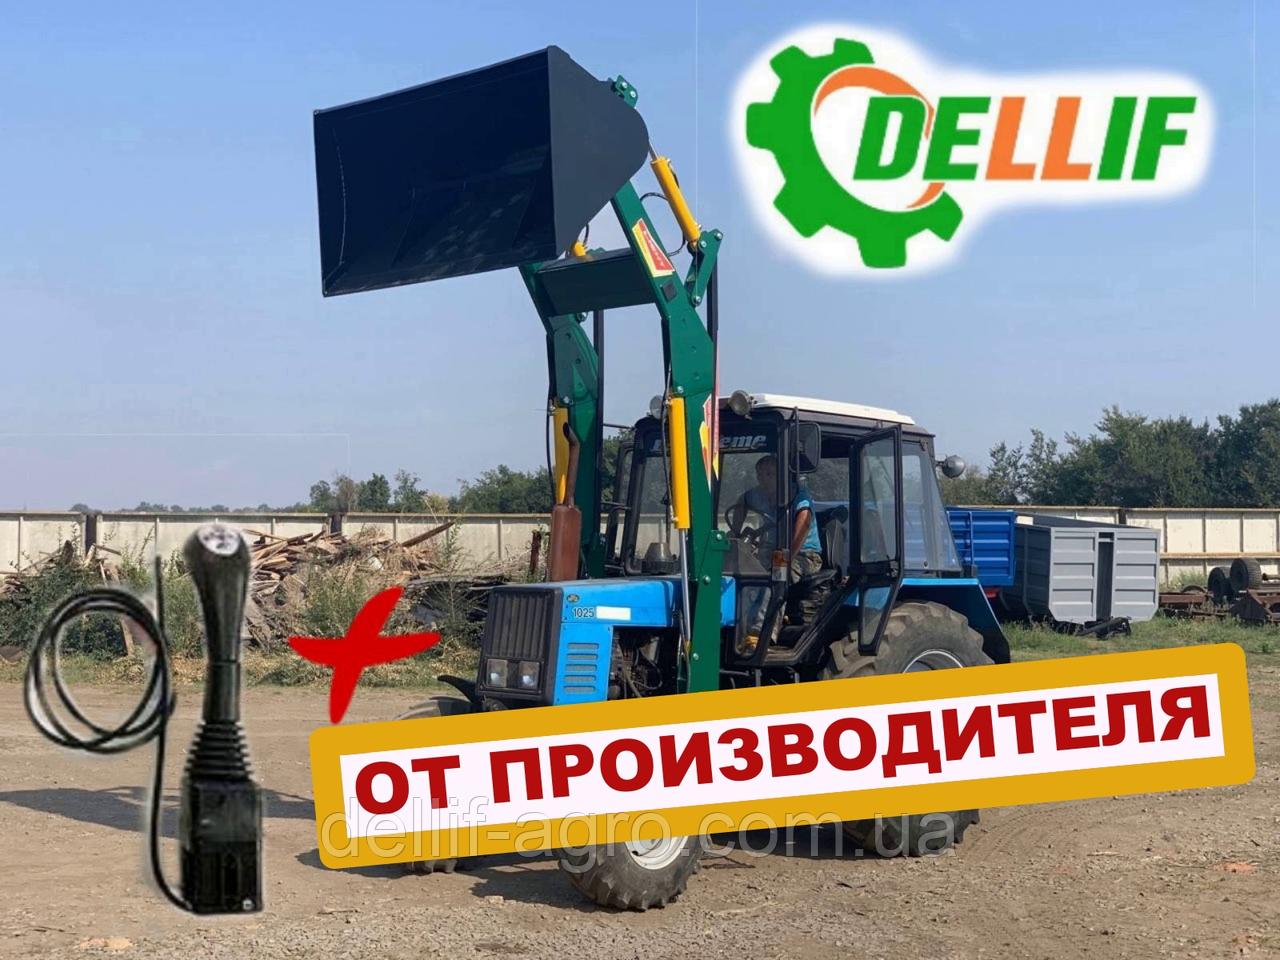 Навантажувач фронтальний на трактор МТЗ, ЮМЗ, Т 40 Dellif Light 1200 з джойстиком